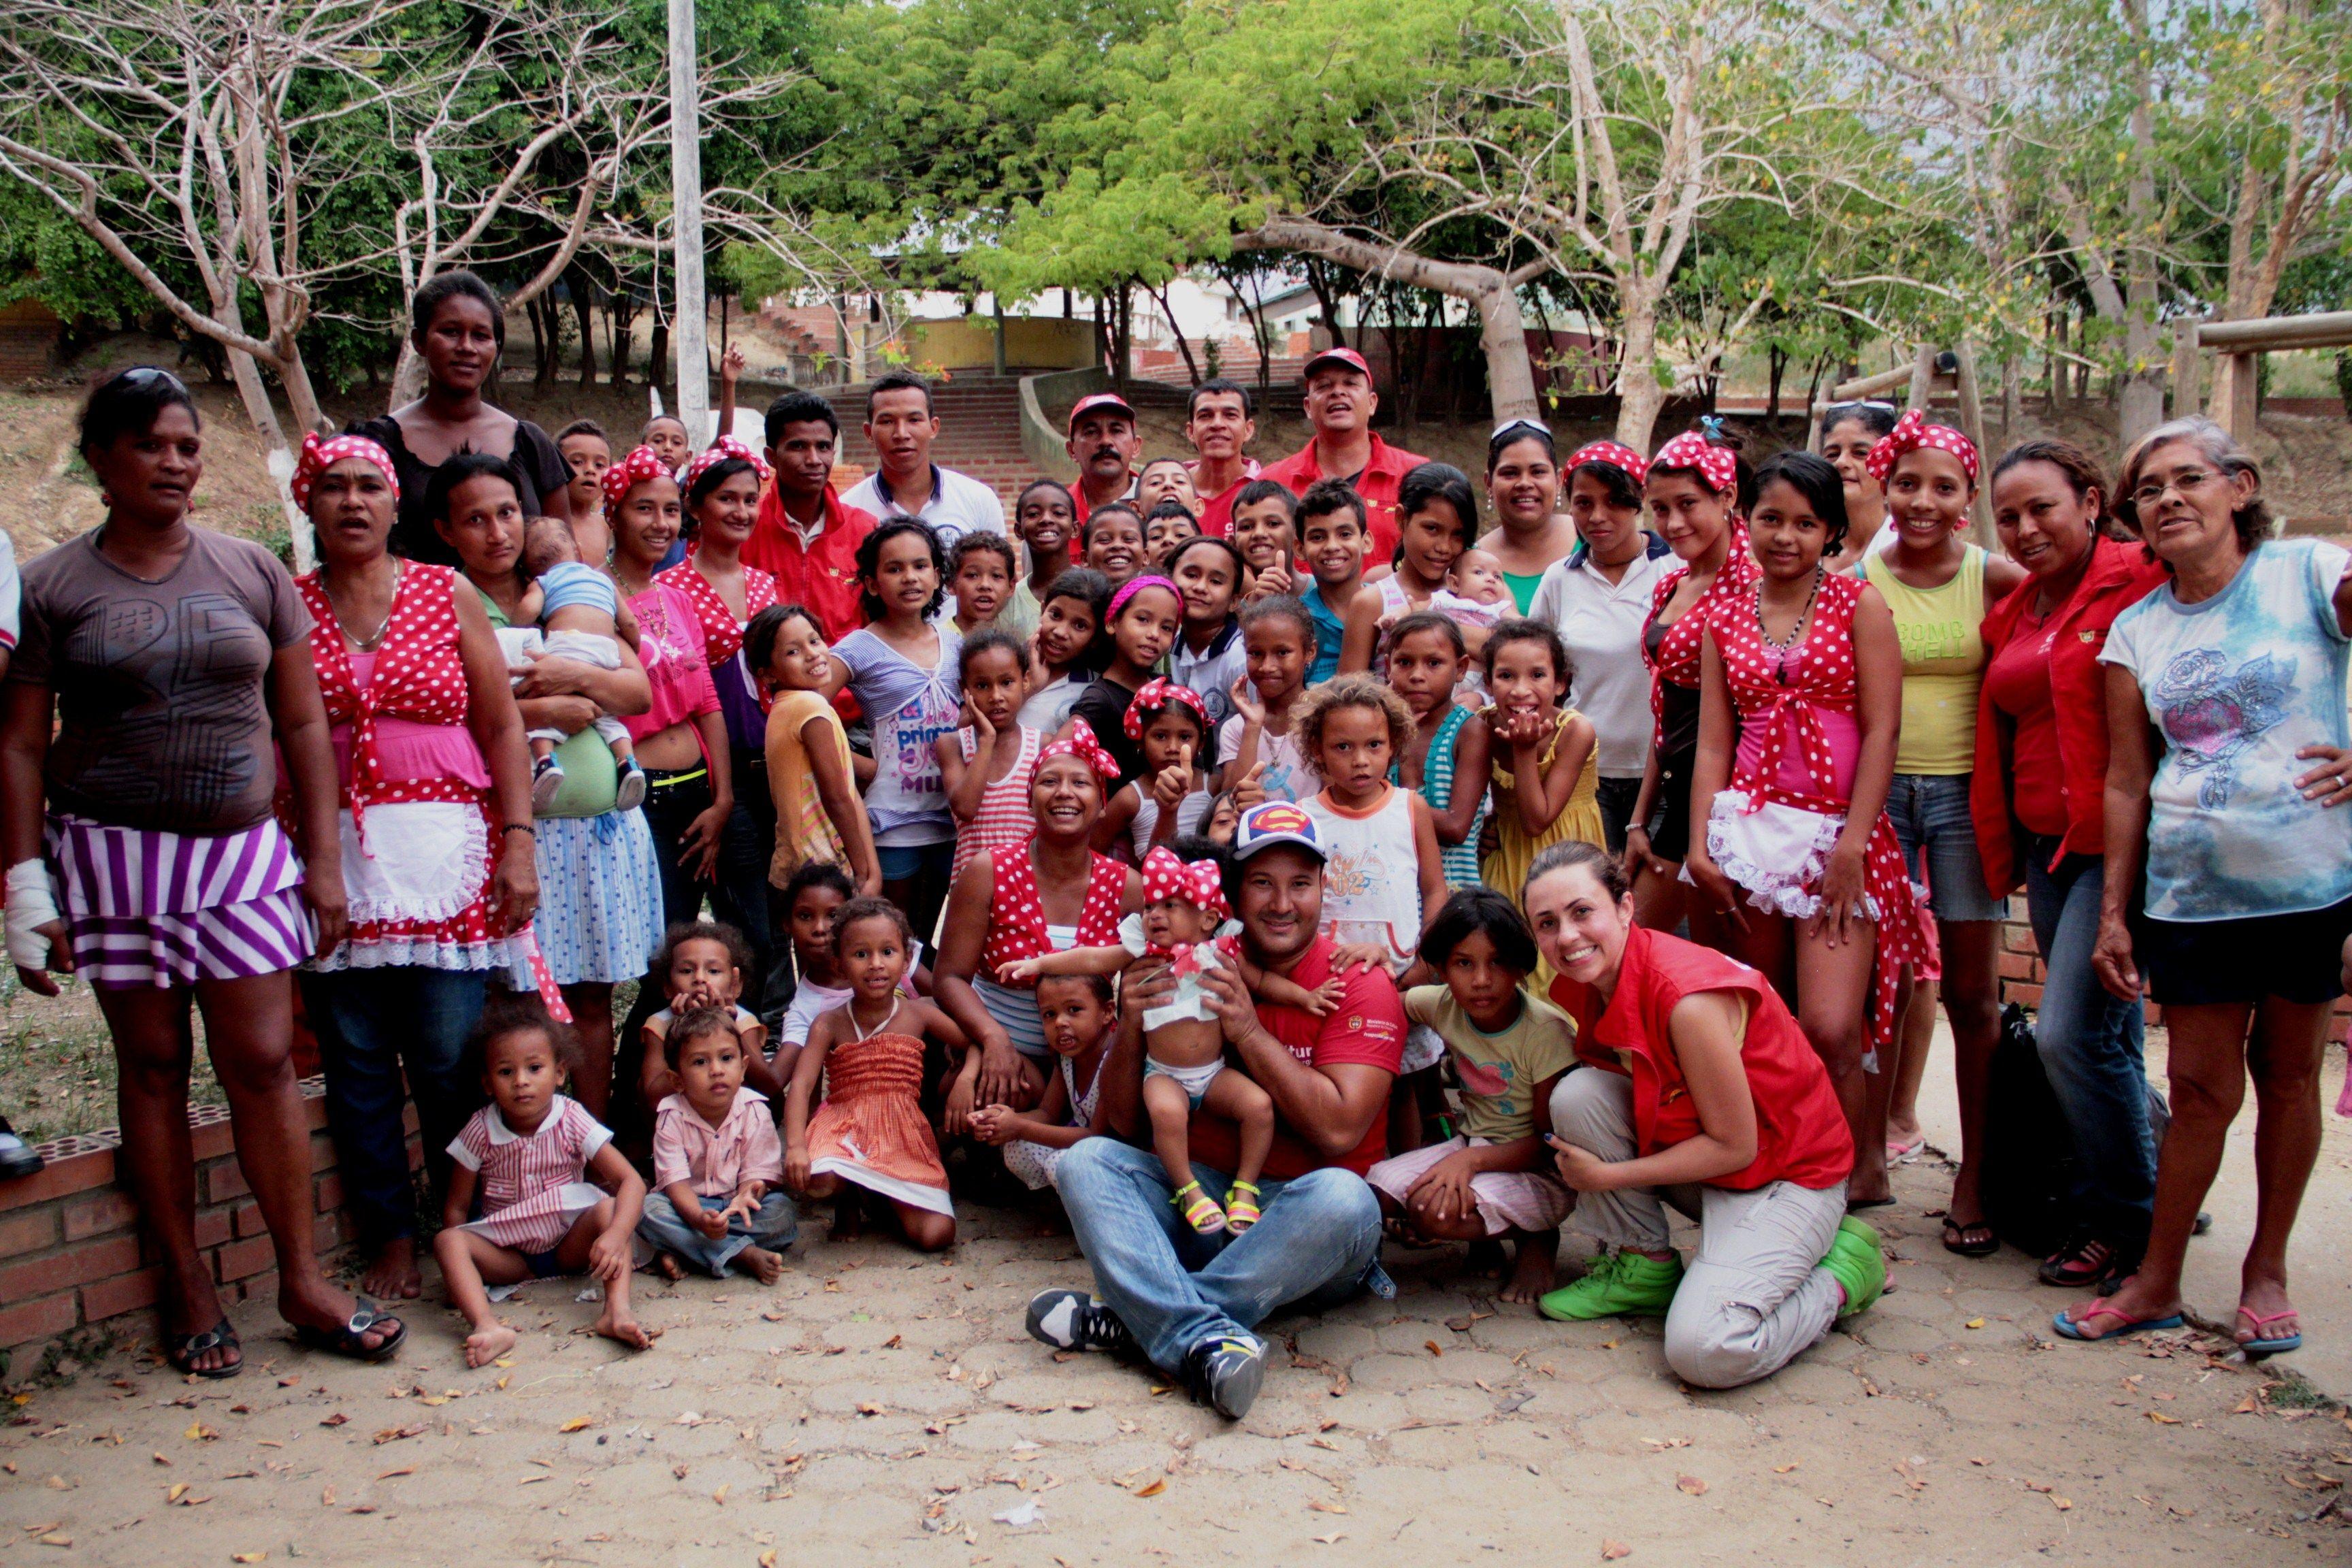 El equipo departamental y nacional con los grupos de danza tradicional